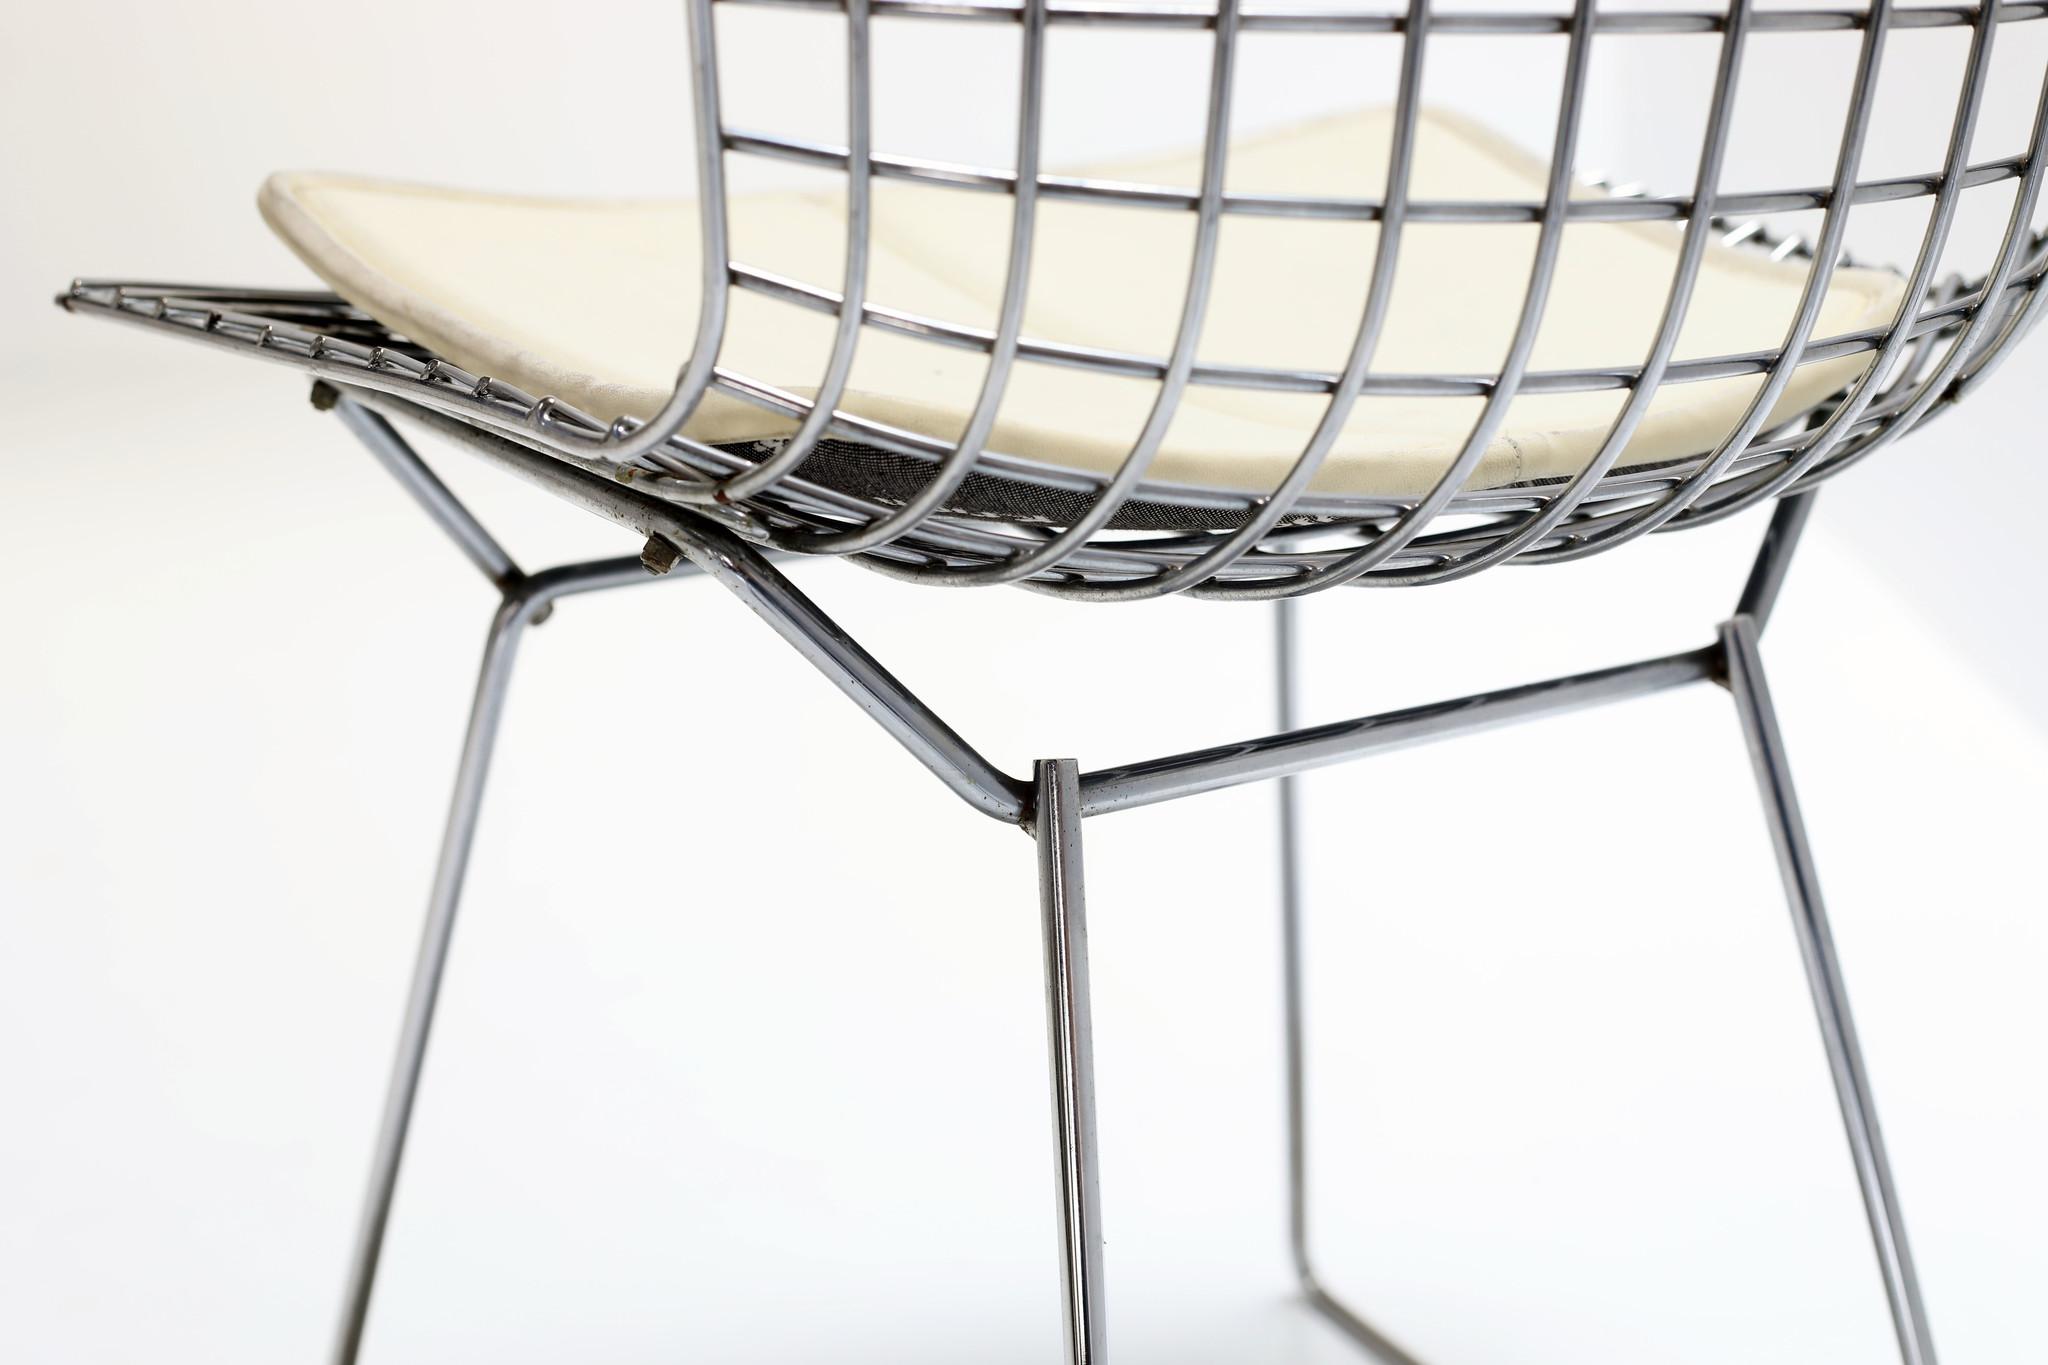 4 Bertoia chairs by Harry Bertoia for Knoll produced by De Coene Kortrijk